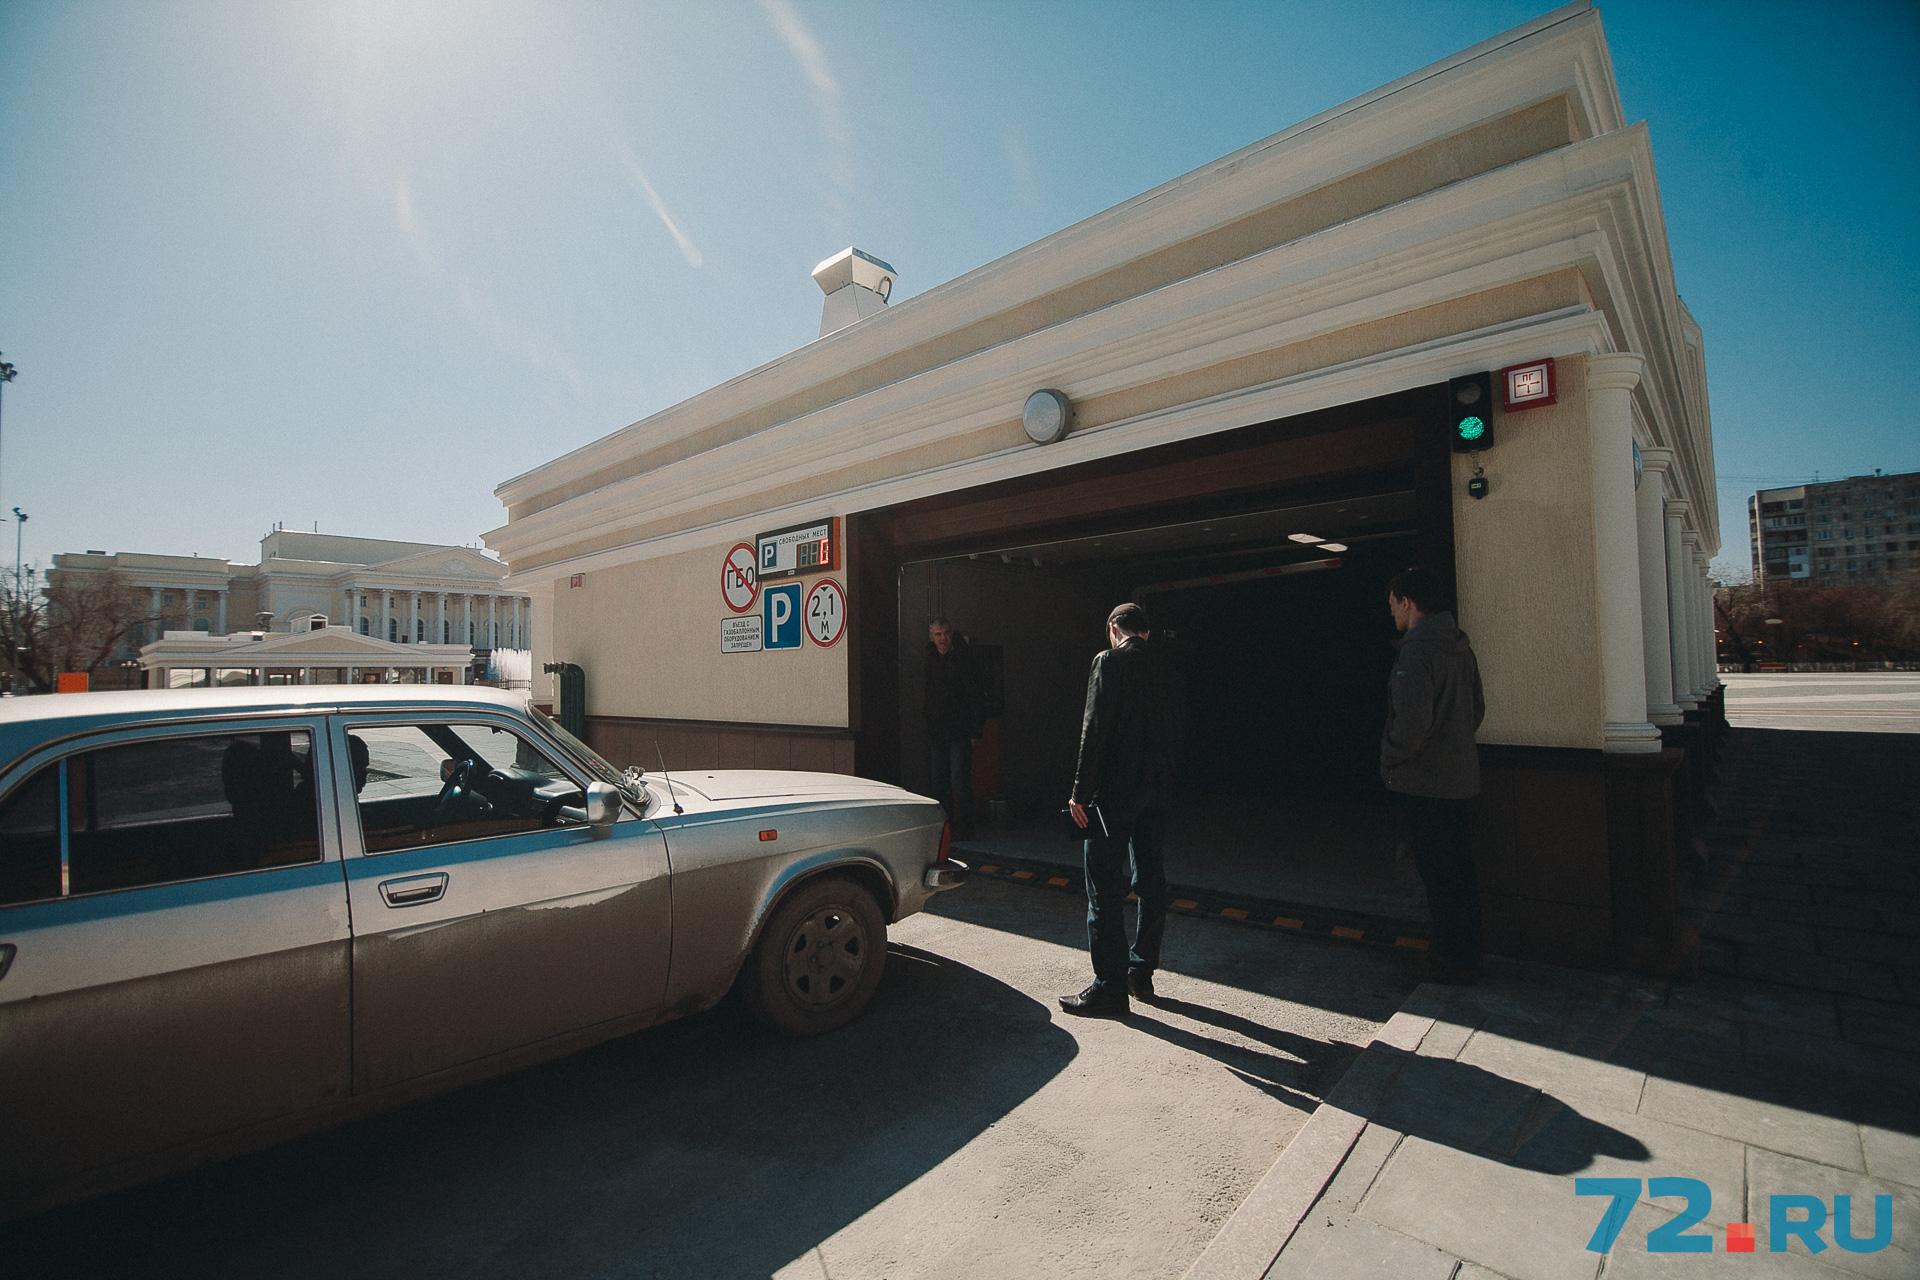 Двухуровневый паркинг, рассчитанный на 289 машино-мест, открылся 1 мая и пока работает бесплатно&nbsp;<br>&nbsp;